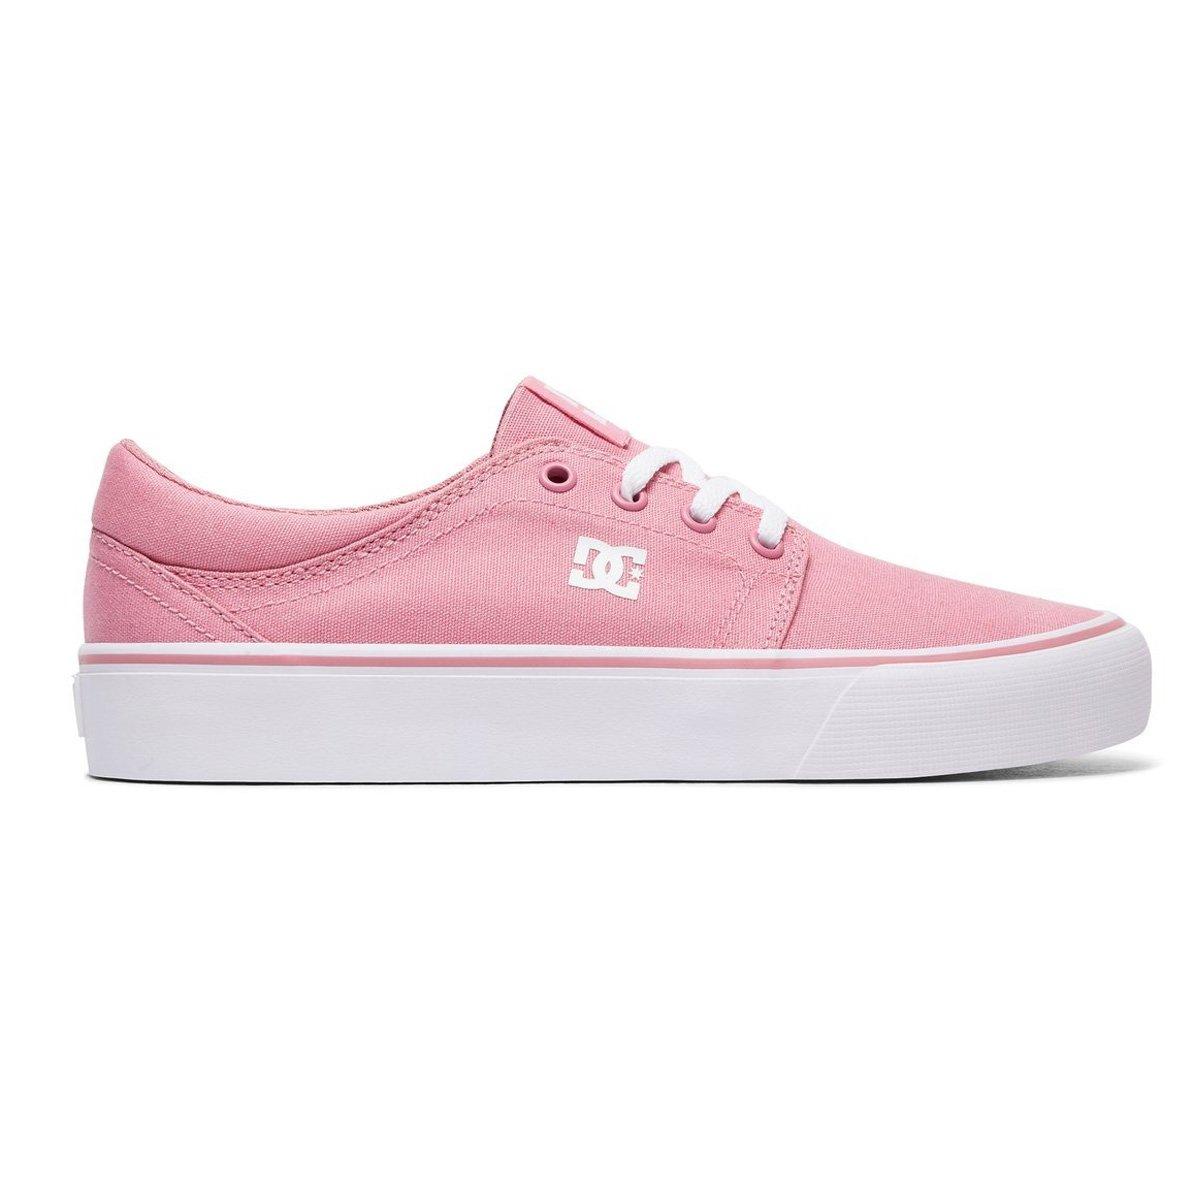 8ea30d61c5 Tenis Trase Tx Dc Shoes - Dama   SEARS.COM.MX - Me entiende!